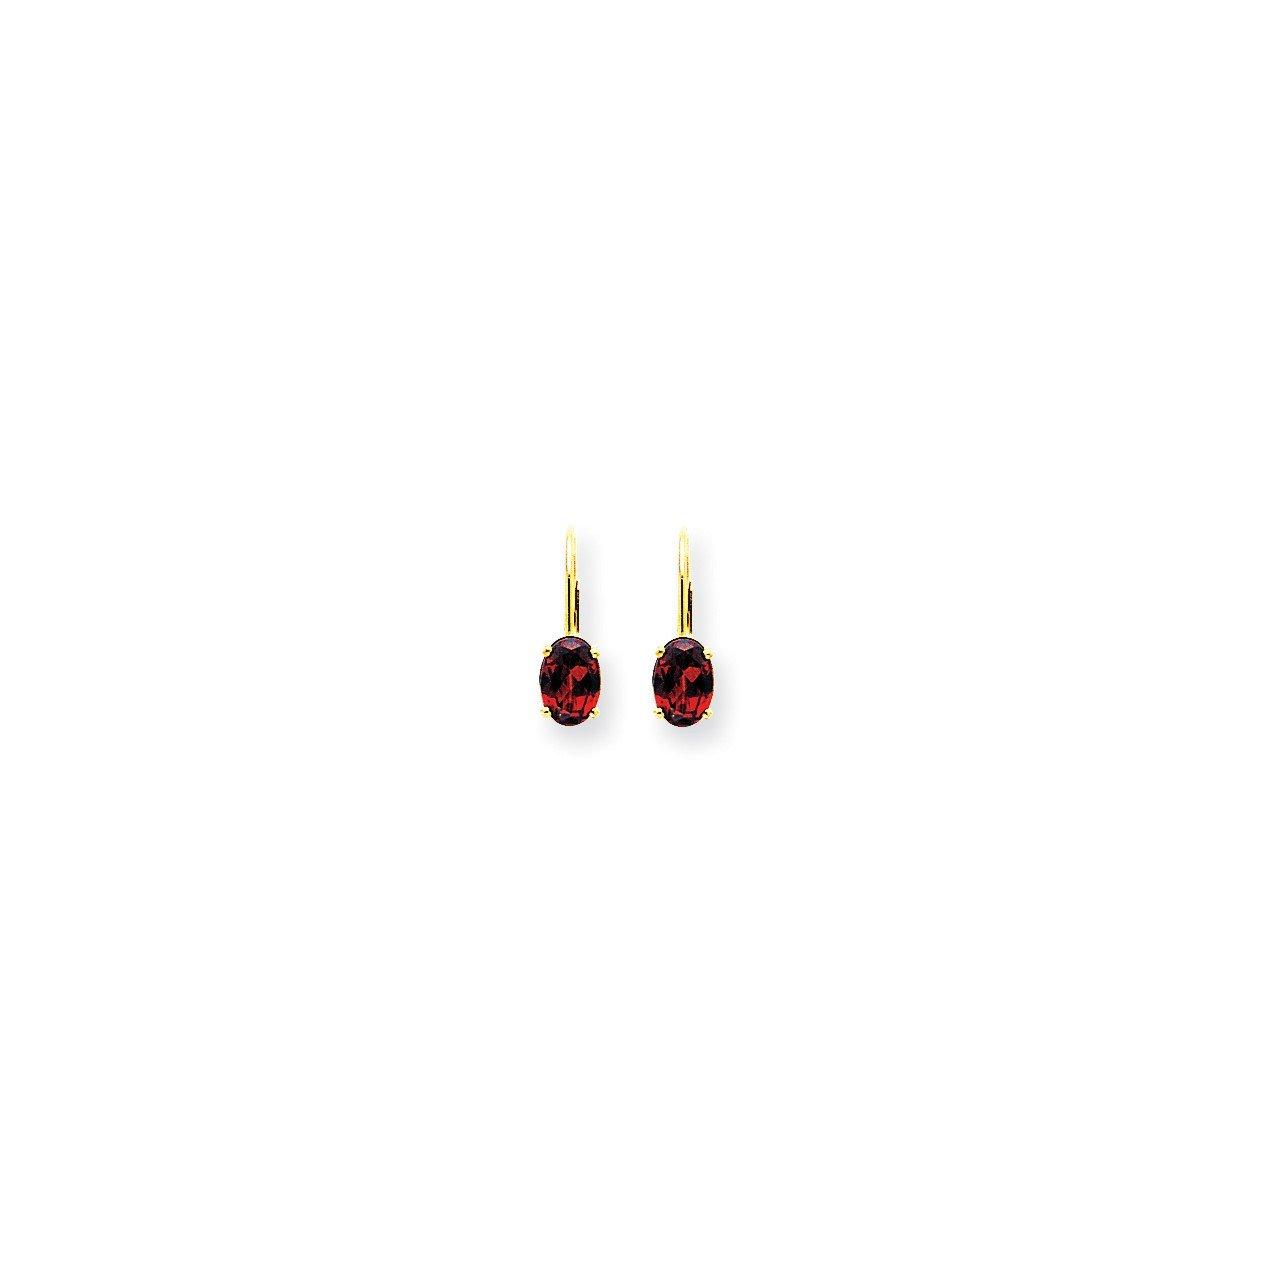 14k 7x5mm Oval Garnet Checker leverback earring